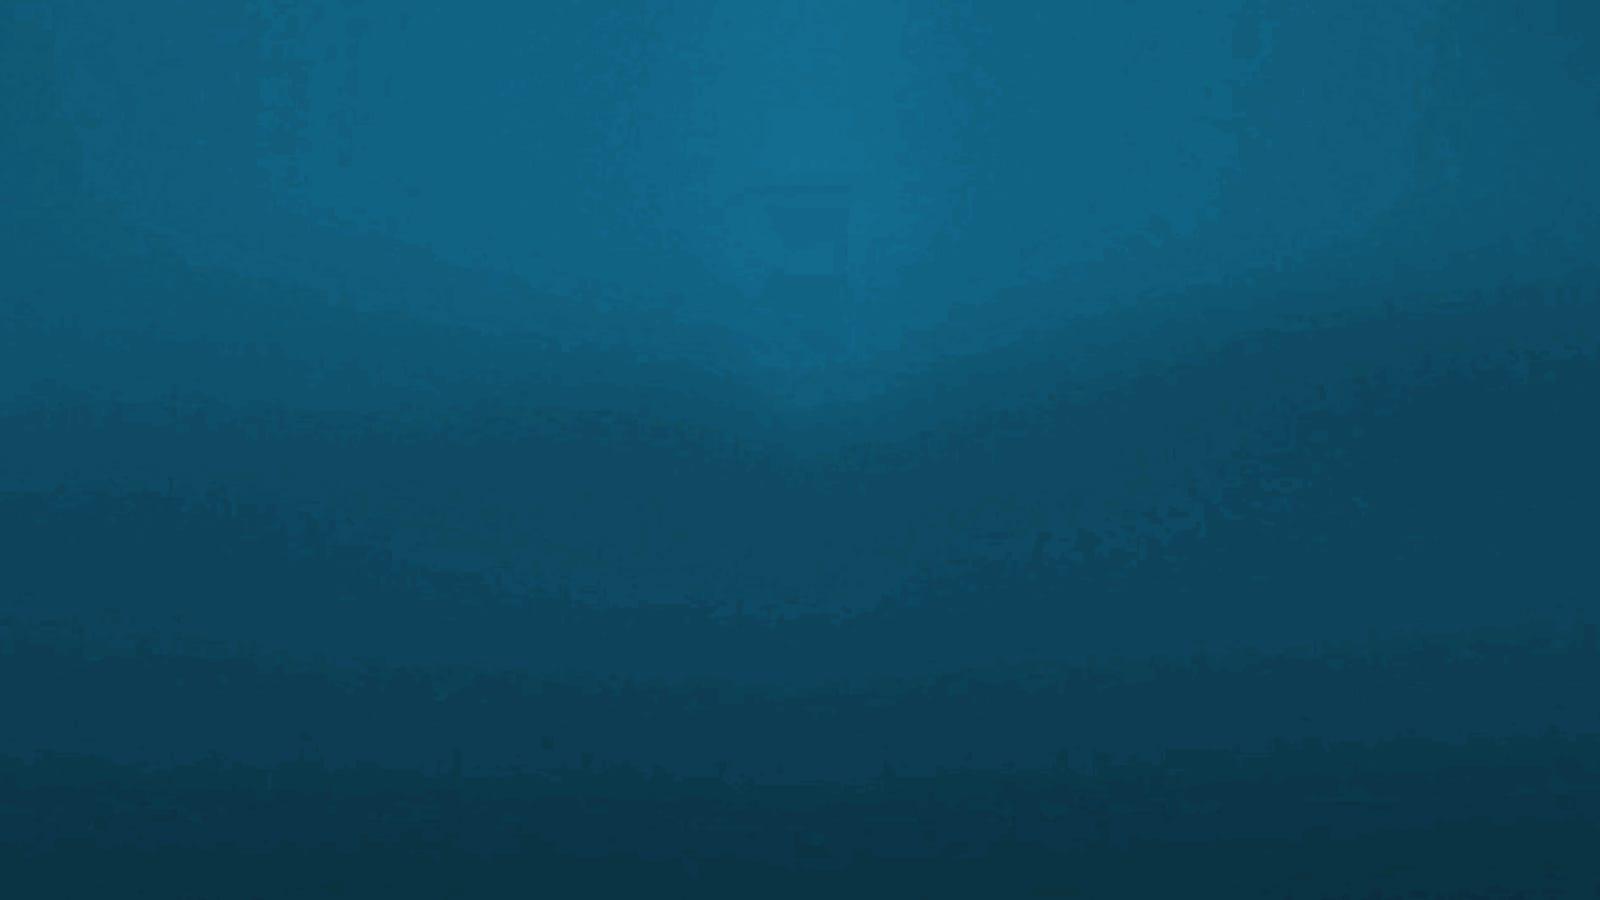 El océano es mucho más profundo de lo que podemos imaginar